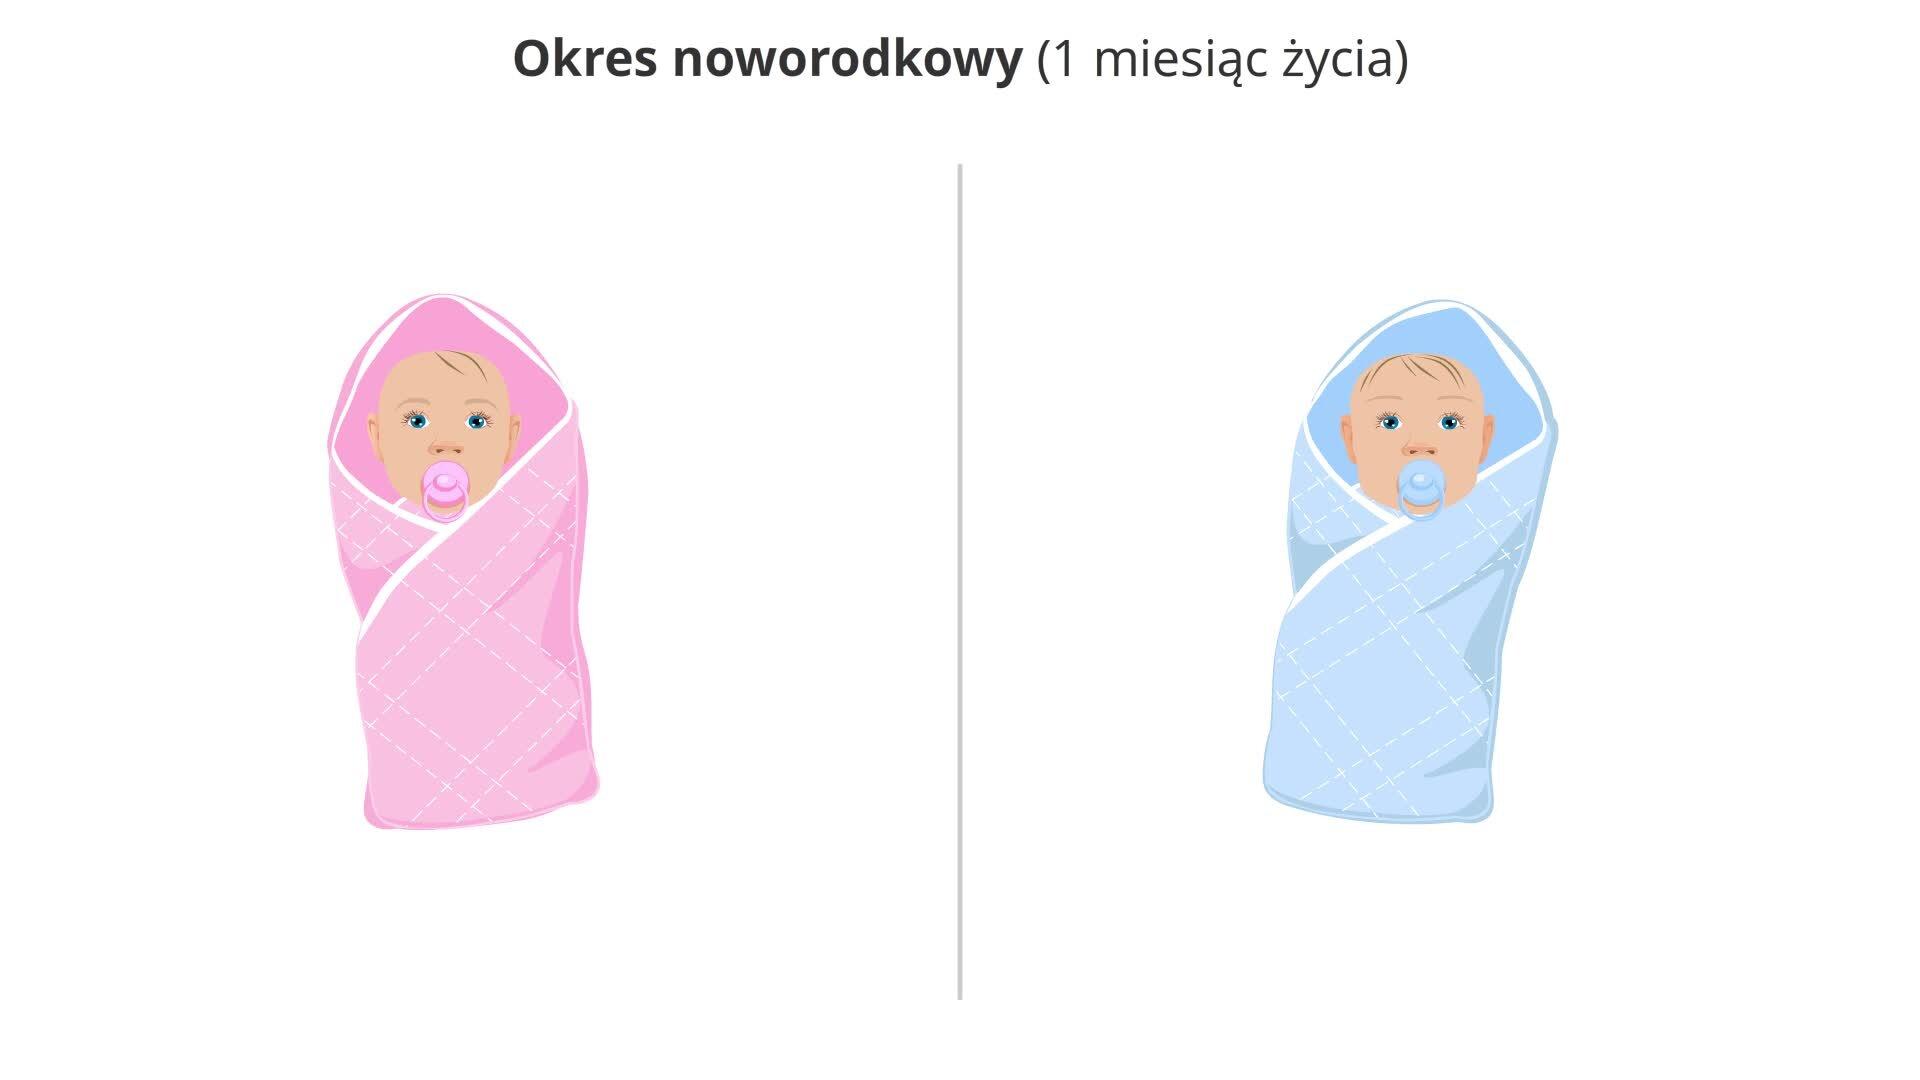 Ilustracja prezentuje noworodka żeńskiego wróżowym beciku ize smoczkiem wbuzi oraz noworodka męskiego wniebieskim beciku irównież ze smoczkiem.